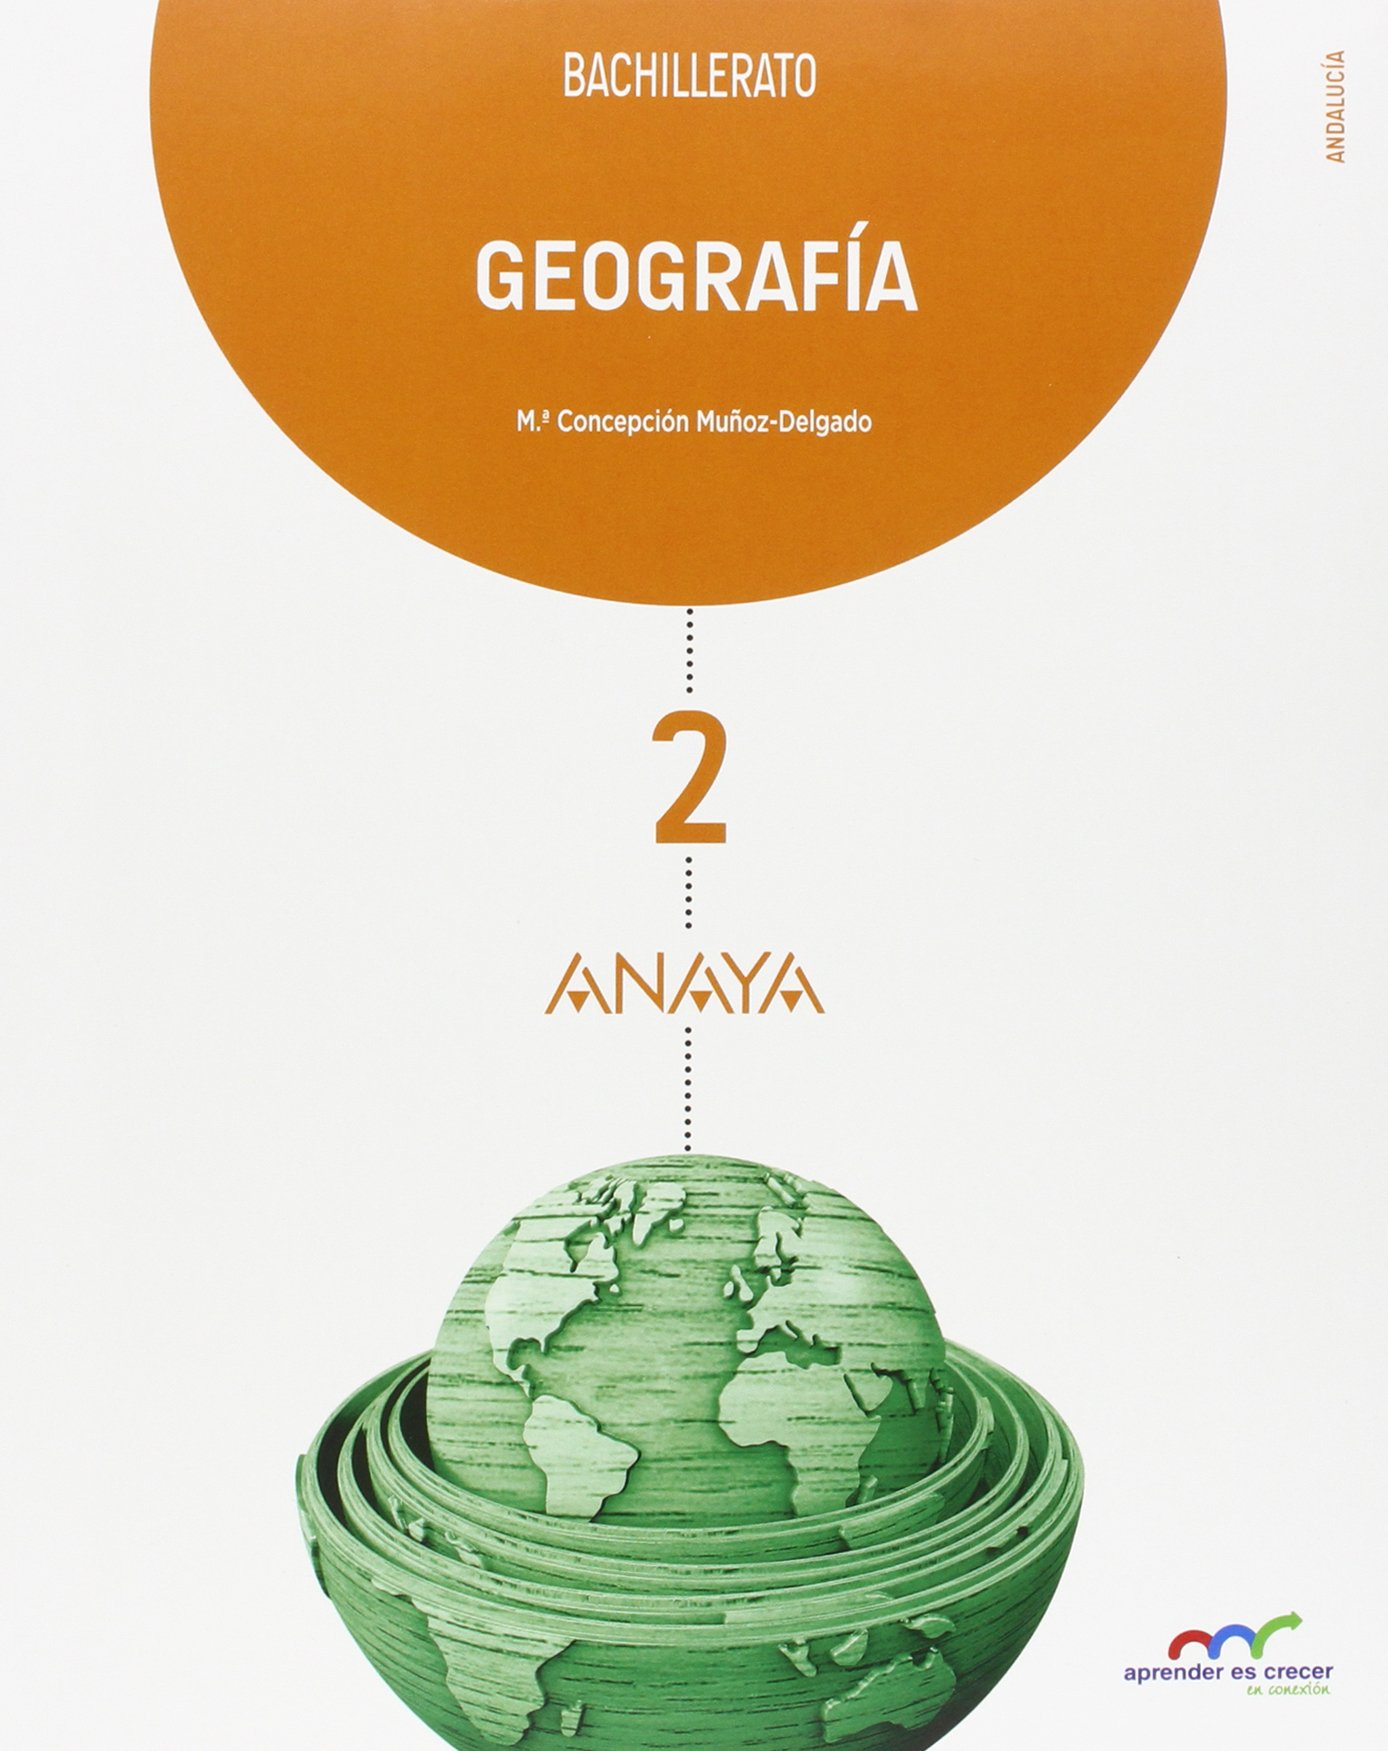 Geografía. Aprender es crecer en conexión - 9788469813232: Amazon.es: Muñoz-Delgado y Mérida, Mª Concepción: Libros